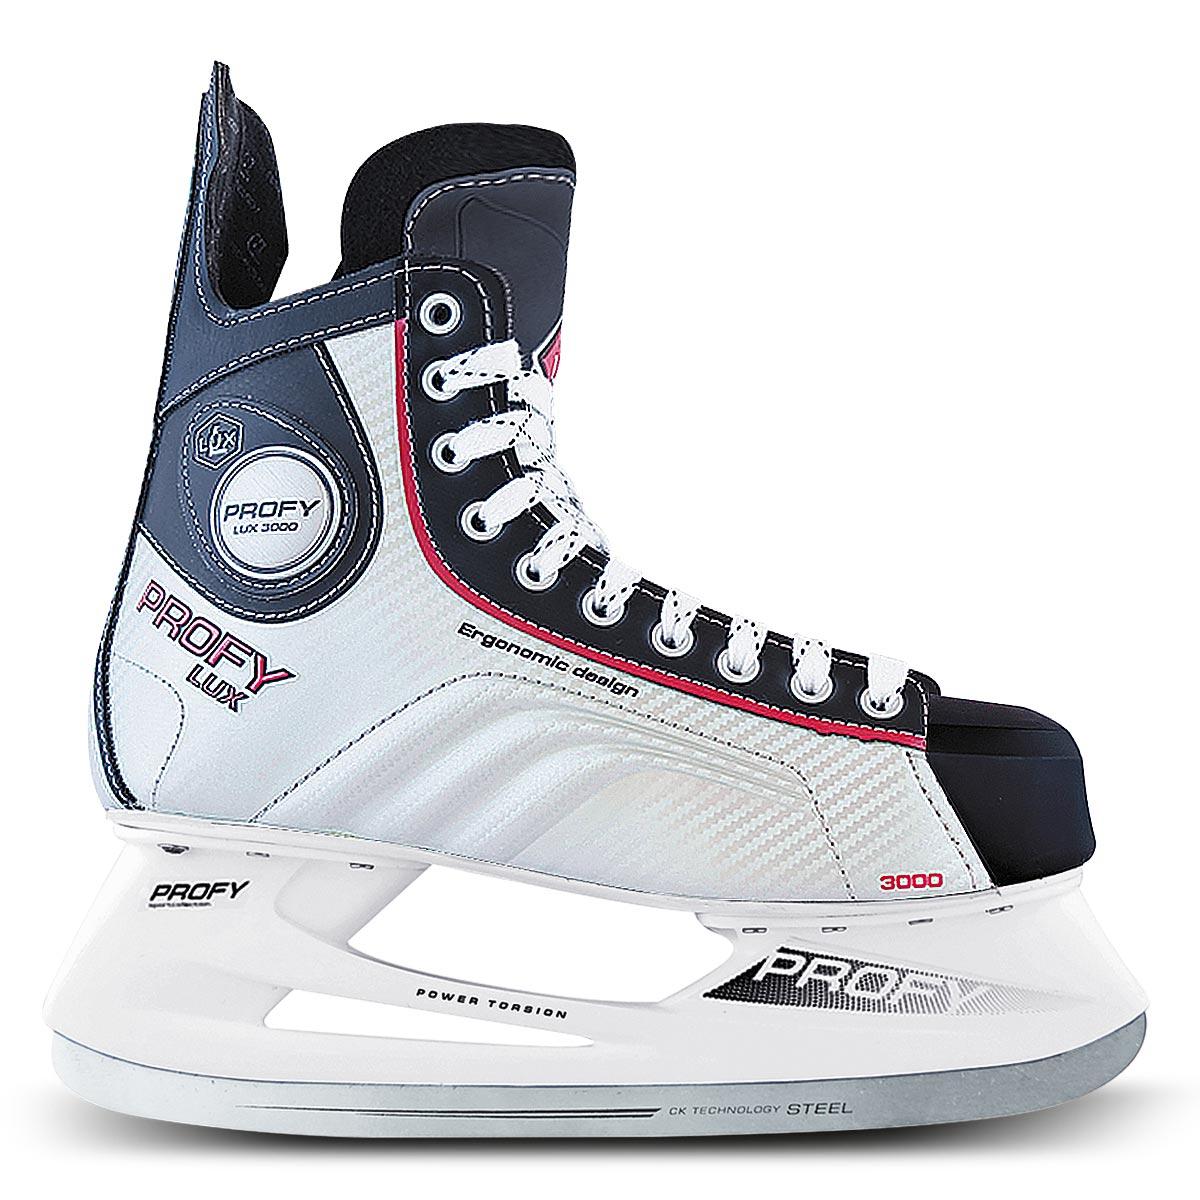 Коньки хоккейные мужские СК Profy Lux 3000, цвет: черный, серебряный, красный. Размер 46PROFY LUX 3000 Red_46Стильные коньки от CK Profy Lux 3000 Blue прекрасно подойдут для начинающих игроков в хоккей. Ботинок выполнен из морозоустойчивой искусственной кожи и ПВХ с высокой, плотной колодкой и усиленным задником, обеспечивающим боковую поддержку ноги. Мыс дополнен вставкой, которая защитит ноги от ударов. Внутренний слой и стелька изготовлены из мягкого трикотажа, который обеспечит тепло и комфорт во время катания, язычок - из войлока. Плотная шнуровка надежно фиксирует модель на ноге. Голеностоп имеет удобный суппорт. По бокам, на язычке и заднике коньки декорированы принтом и тиснением в виде логотипа бренда. Подошва - из твердого пластика. Стойка выполнена из ударопрочного поливинилхлорида. Лезвие из нержавеющей стали обеспечит превосходное скольжение. Оригинальные коньки придутся вам по душе.